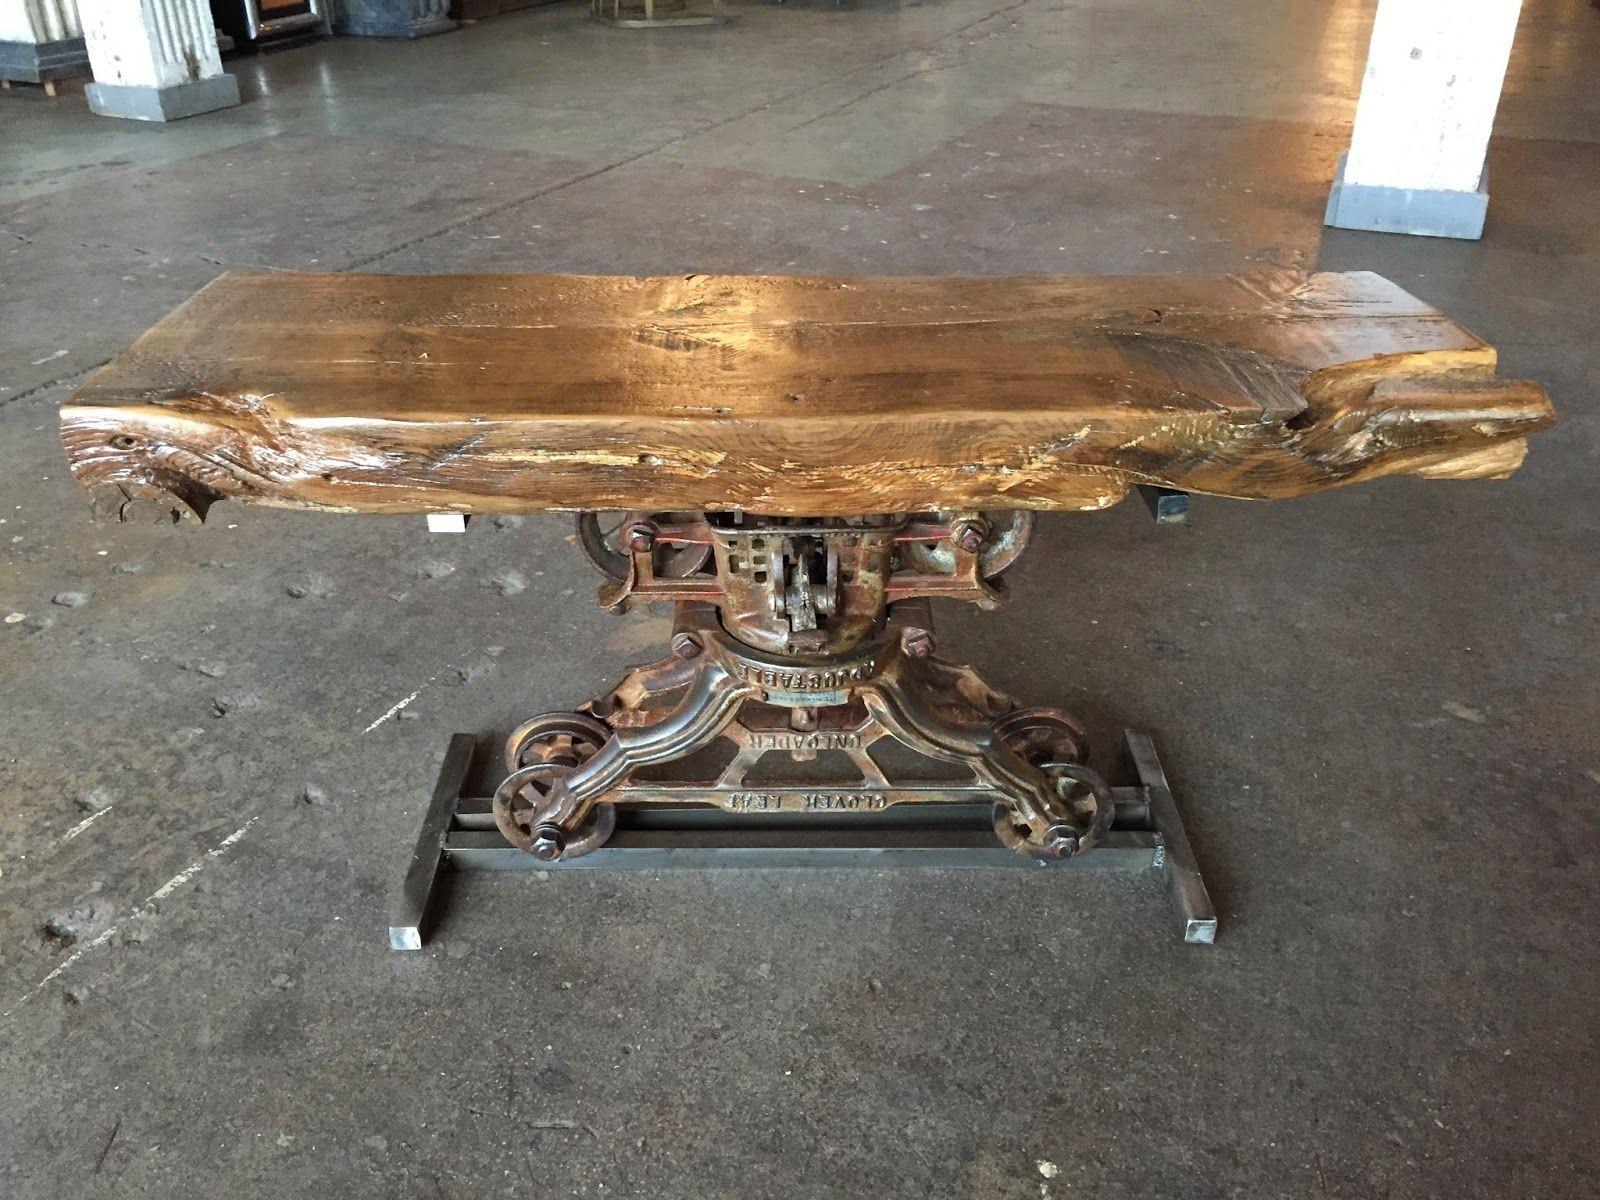 Breclaimed Rustic Furniture Wood Metal Industrial